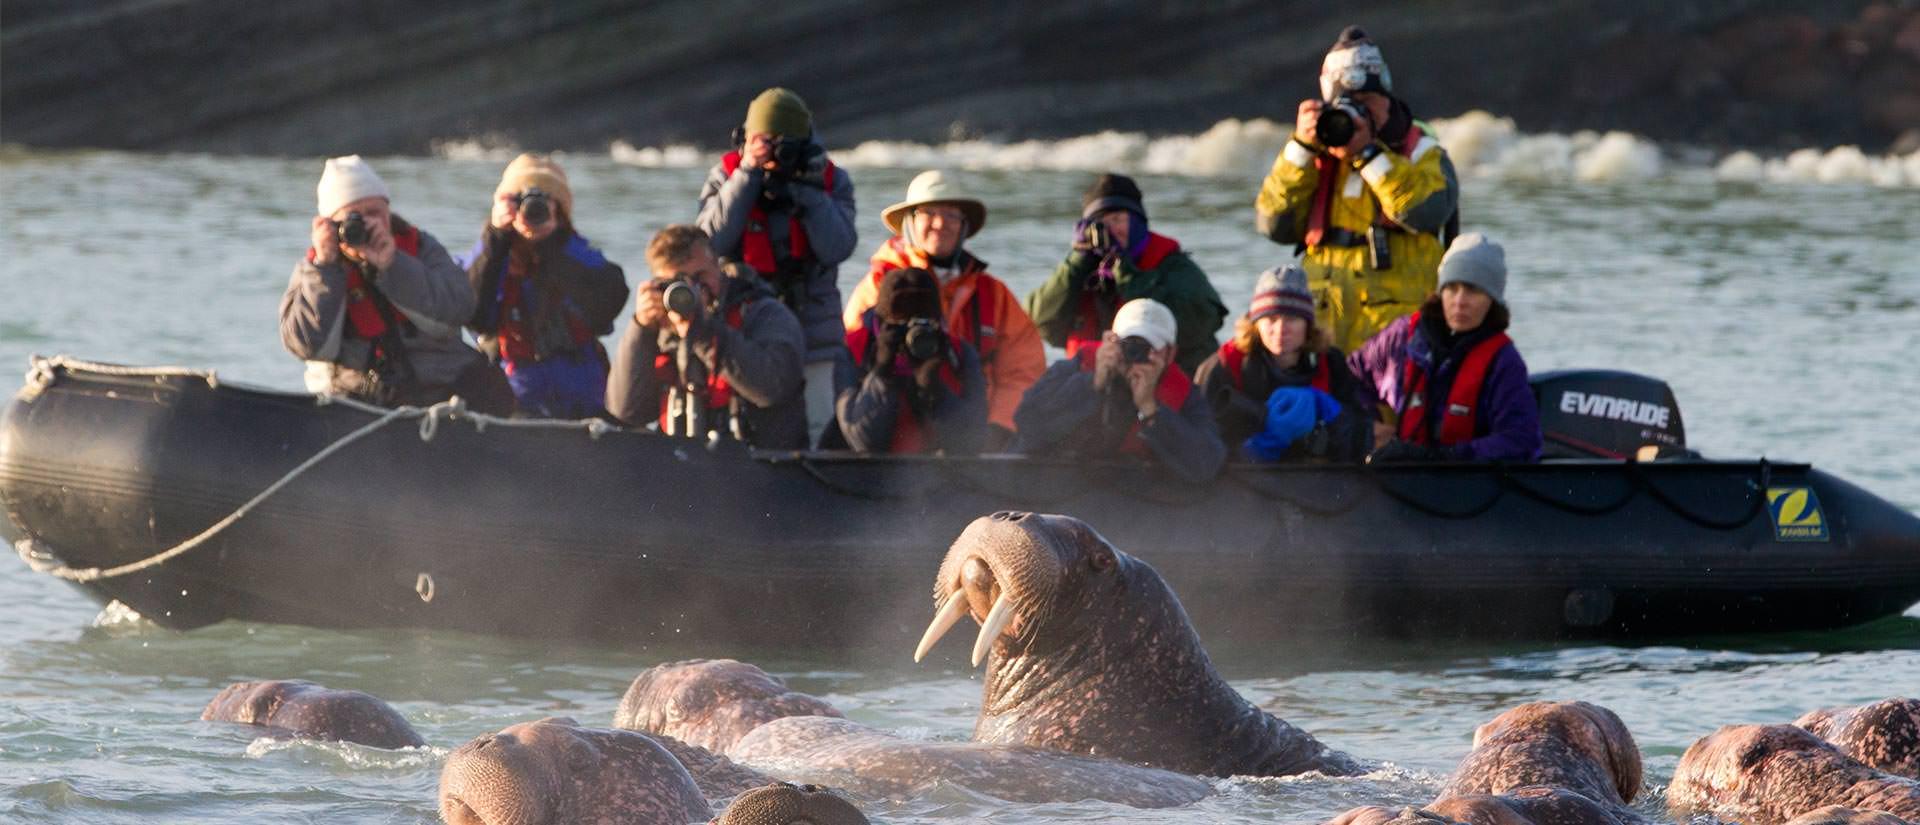 טיול לקמצ'טקה – 14 יום – הפלגה לאורך חופי קמצ'טקה וסיביר הרחוקים